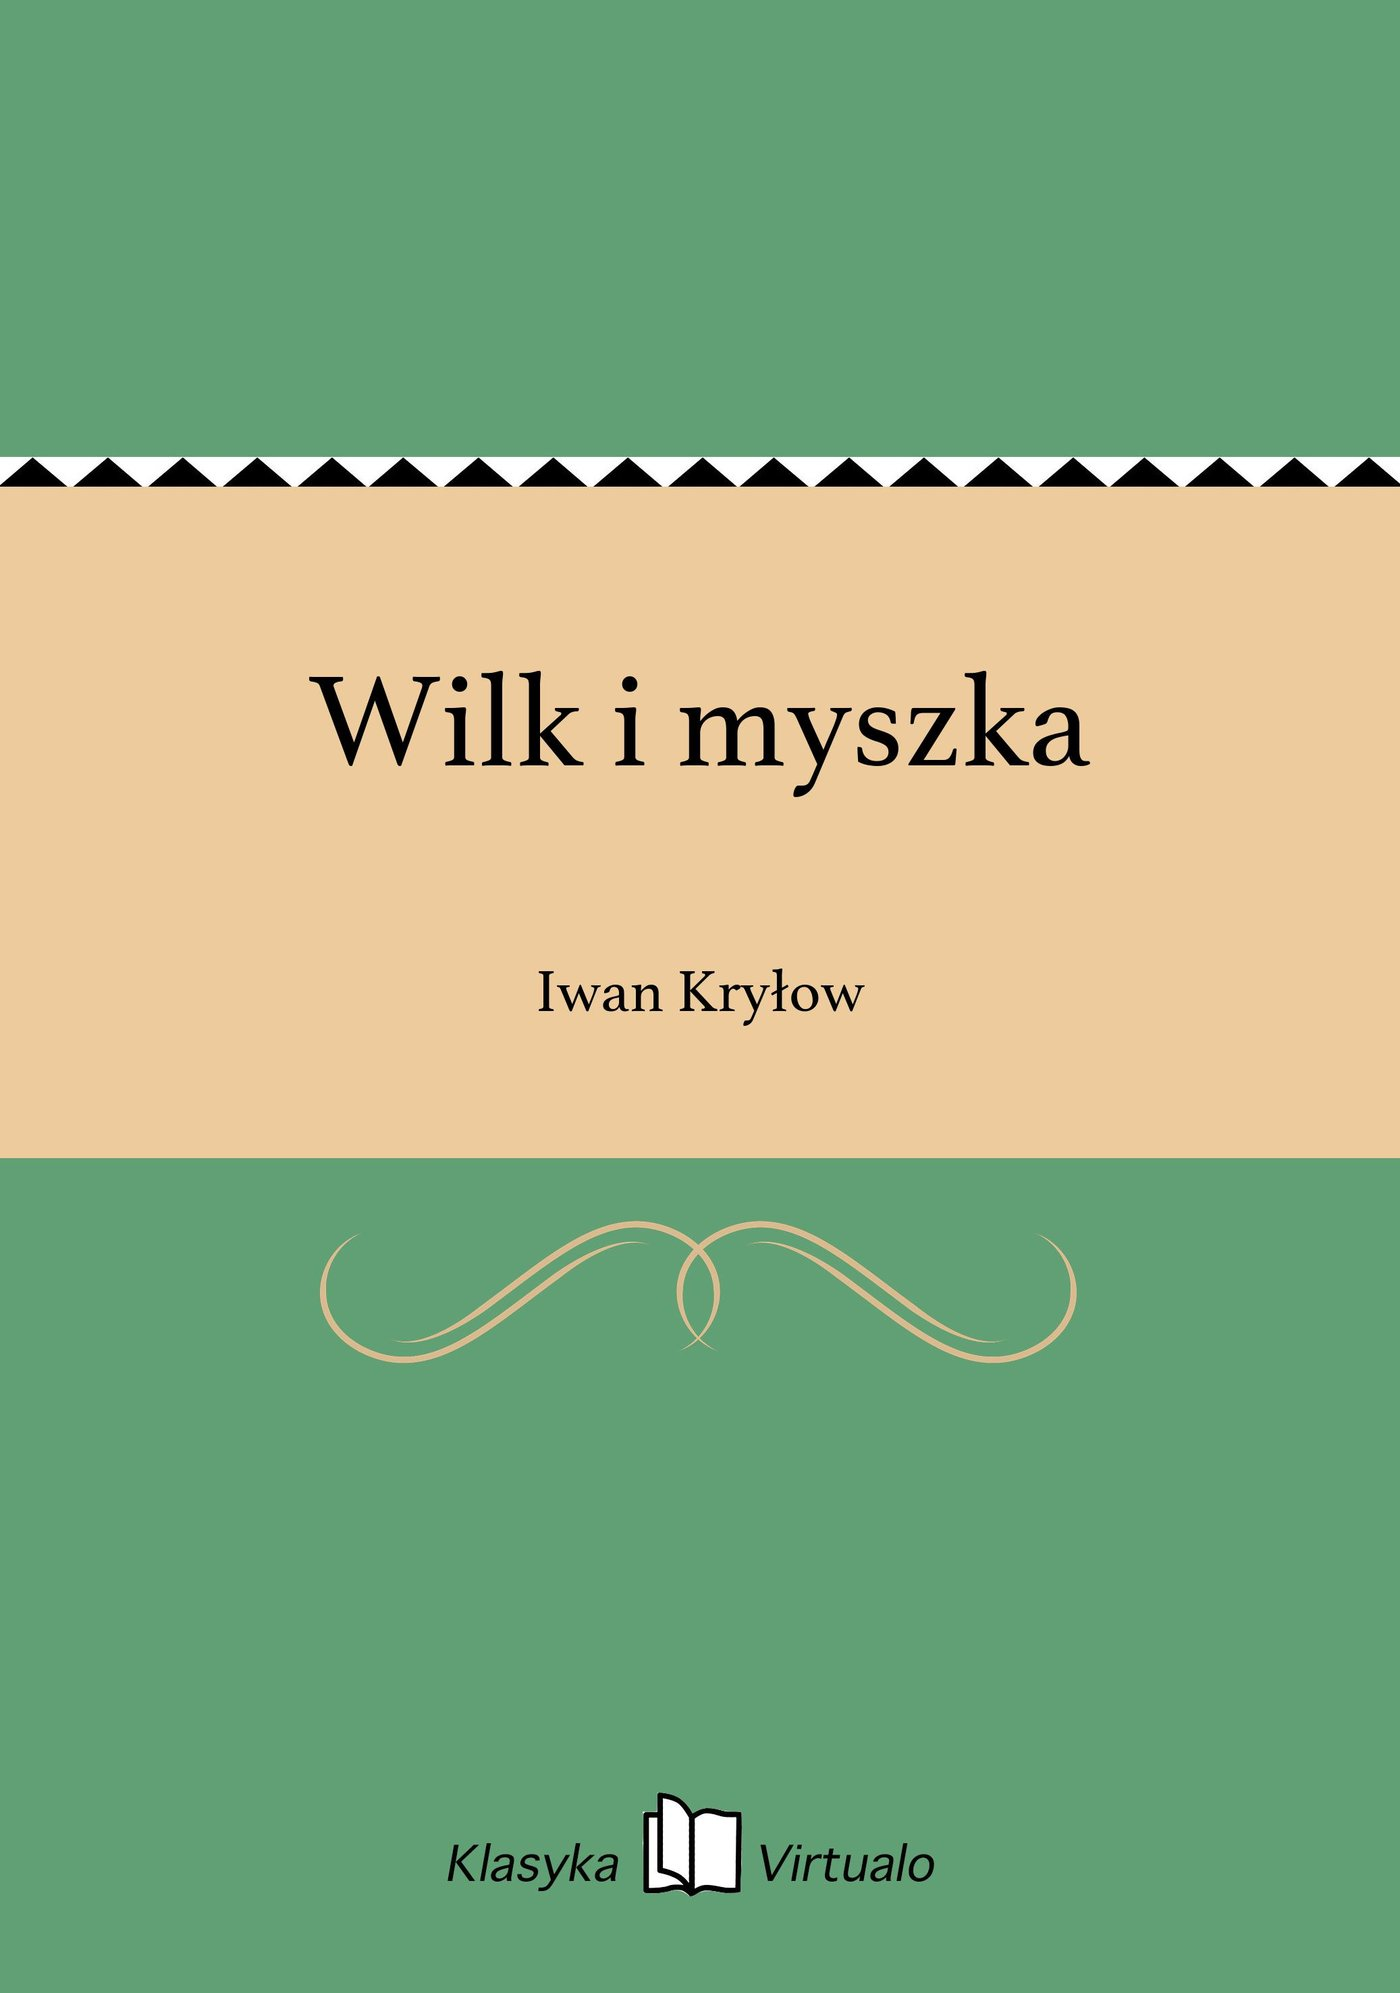 Wilk i myszka - Ebook (Książka EPUB) do pobrania w formacie EPUB